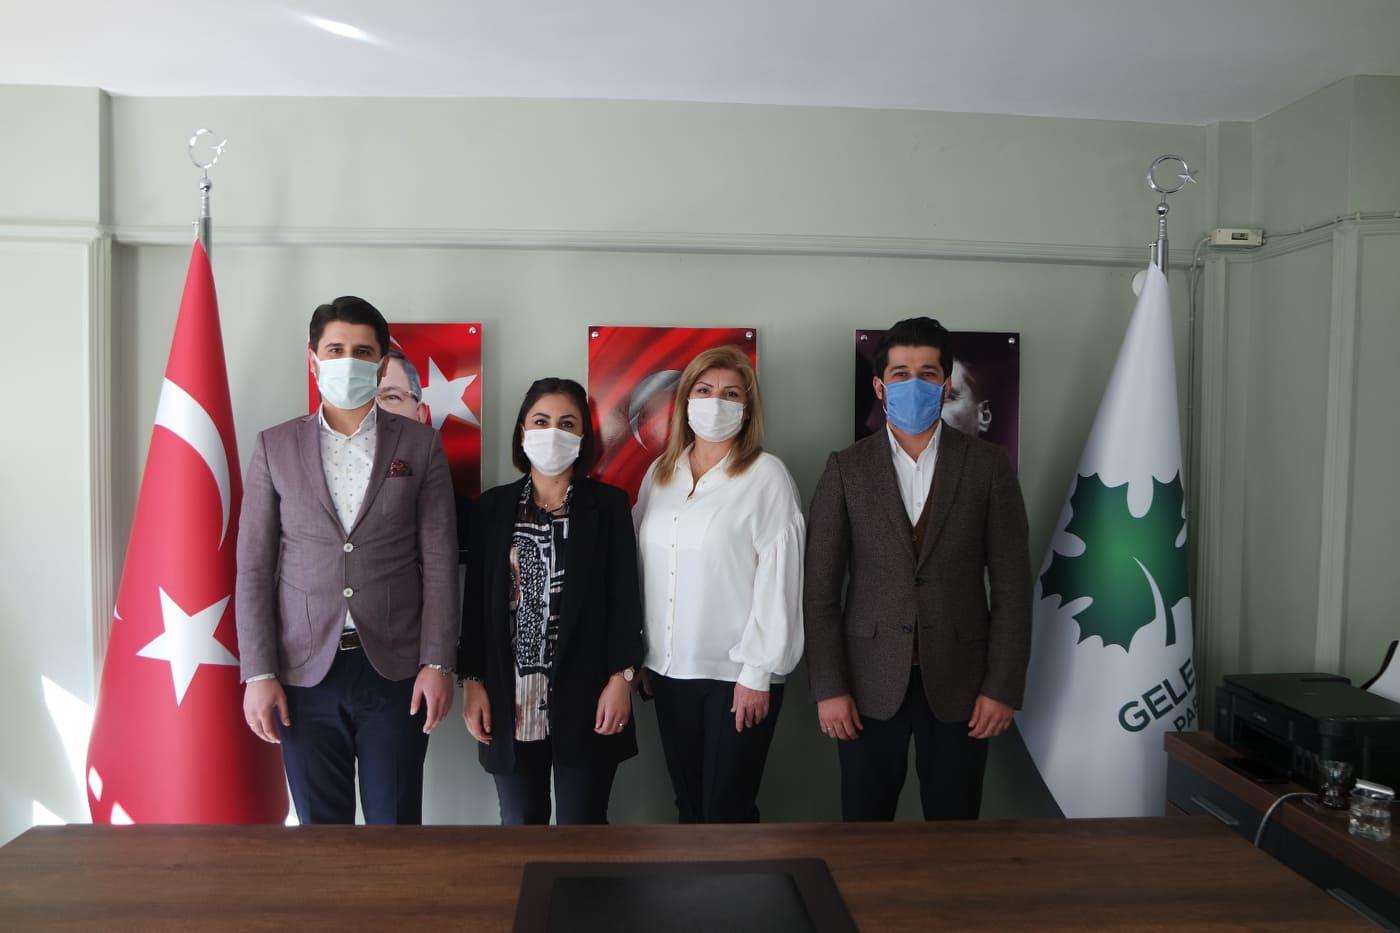 Gelecek Partisi Alanya İlçe Başkanlığı'na Deva'dan ziyaret...